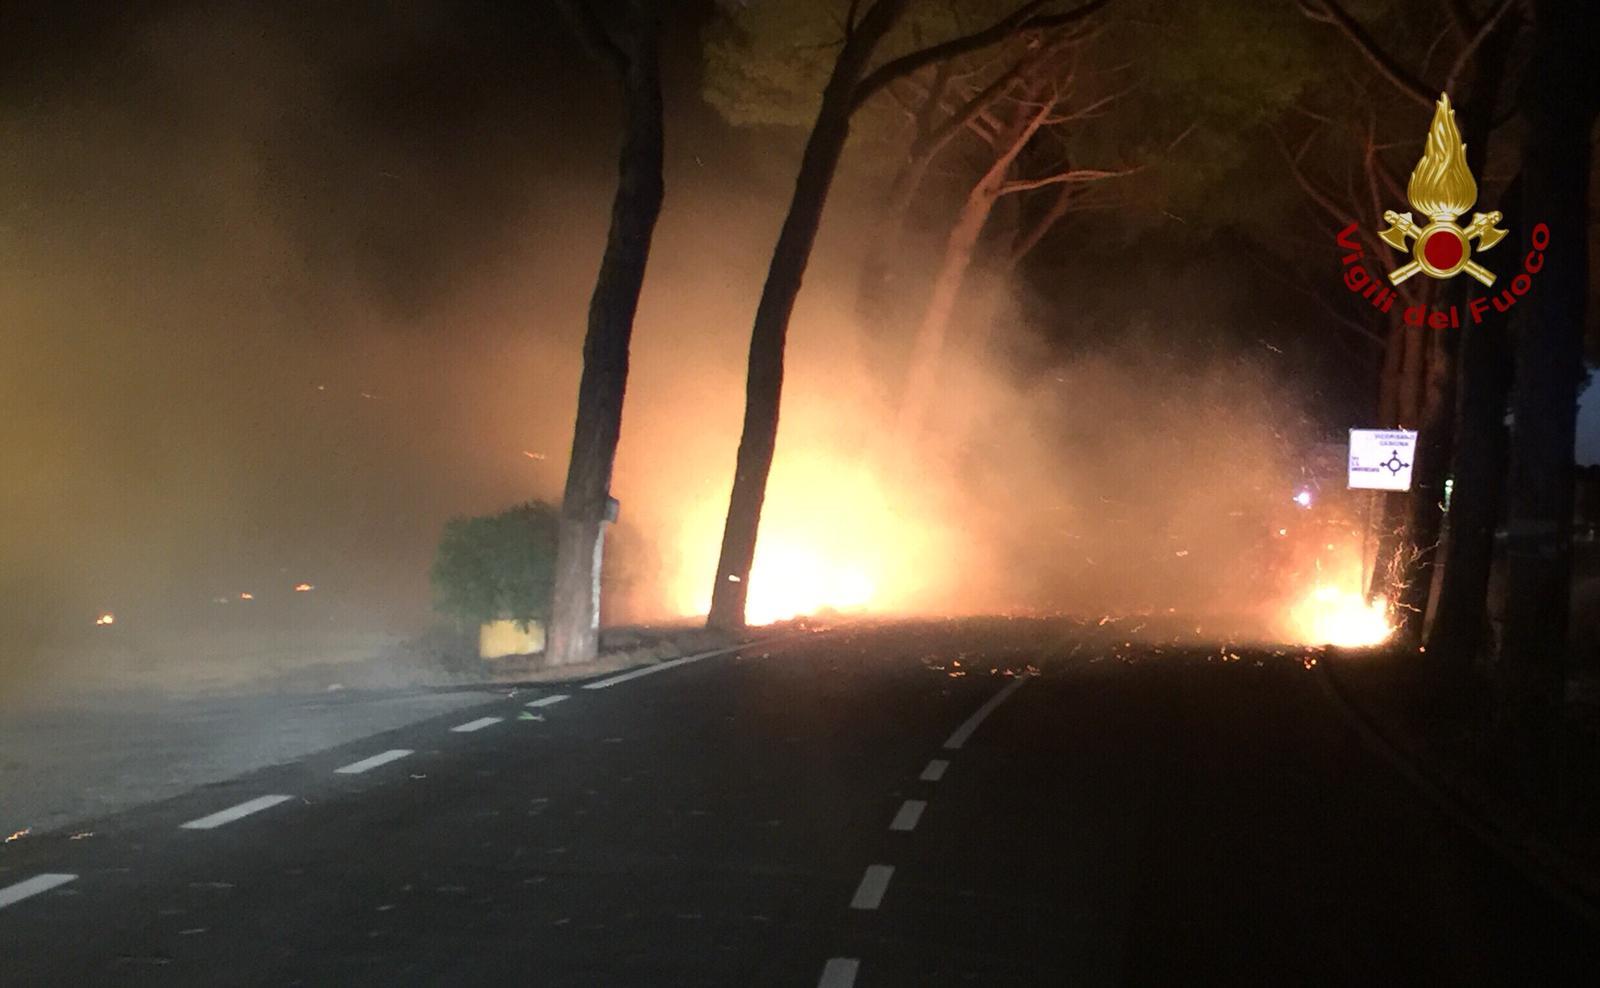 Rogo sul Serra, scenario apocalittico: in cenere uliveti, timore per le abitazioni